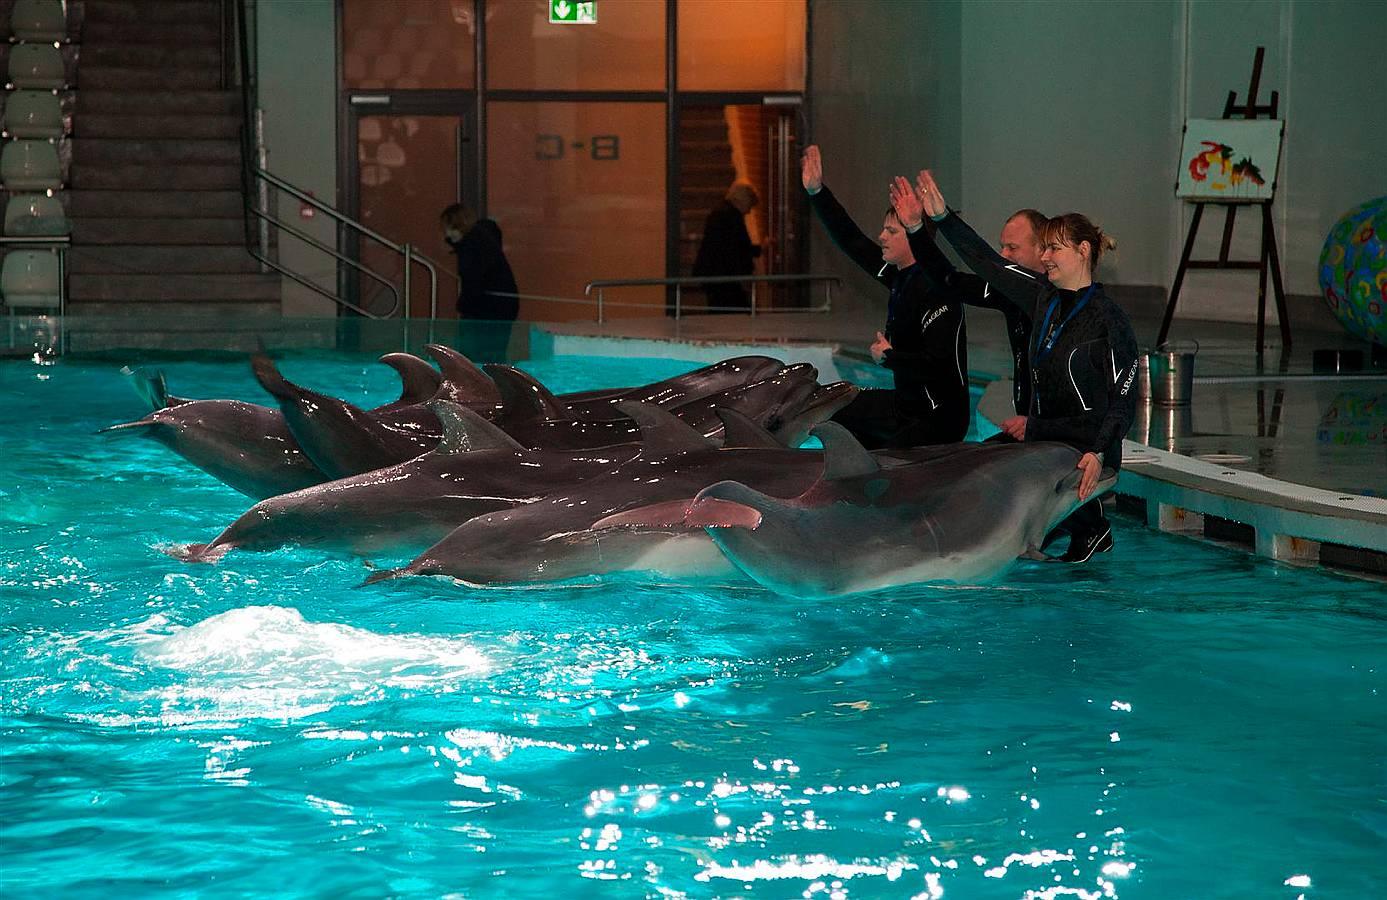 Viens no Eiropas labākajiem delfinārijiem Kuršu kāpā pie Klaipēdas trīs gadus bija slēgts apmeklētājiem, jo notika vērienīga tā rekonstrukcija. Kopš pagājušā gada Ziemassvētkiem delfinārijs atkal darbojas, piedāvājot noskatīties delfīnu izrādes.